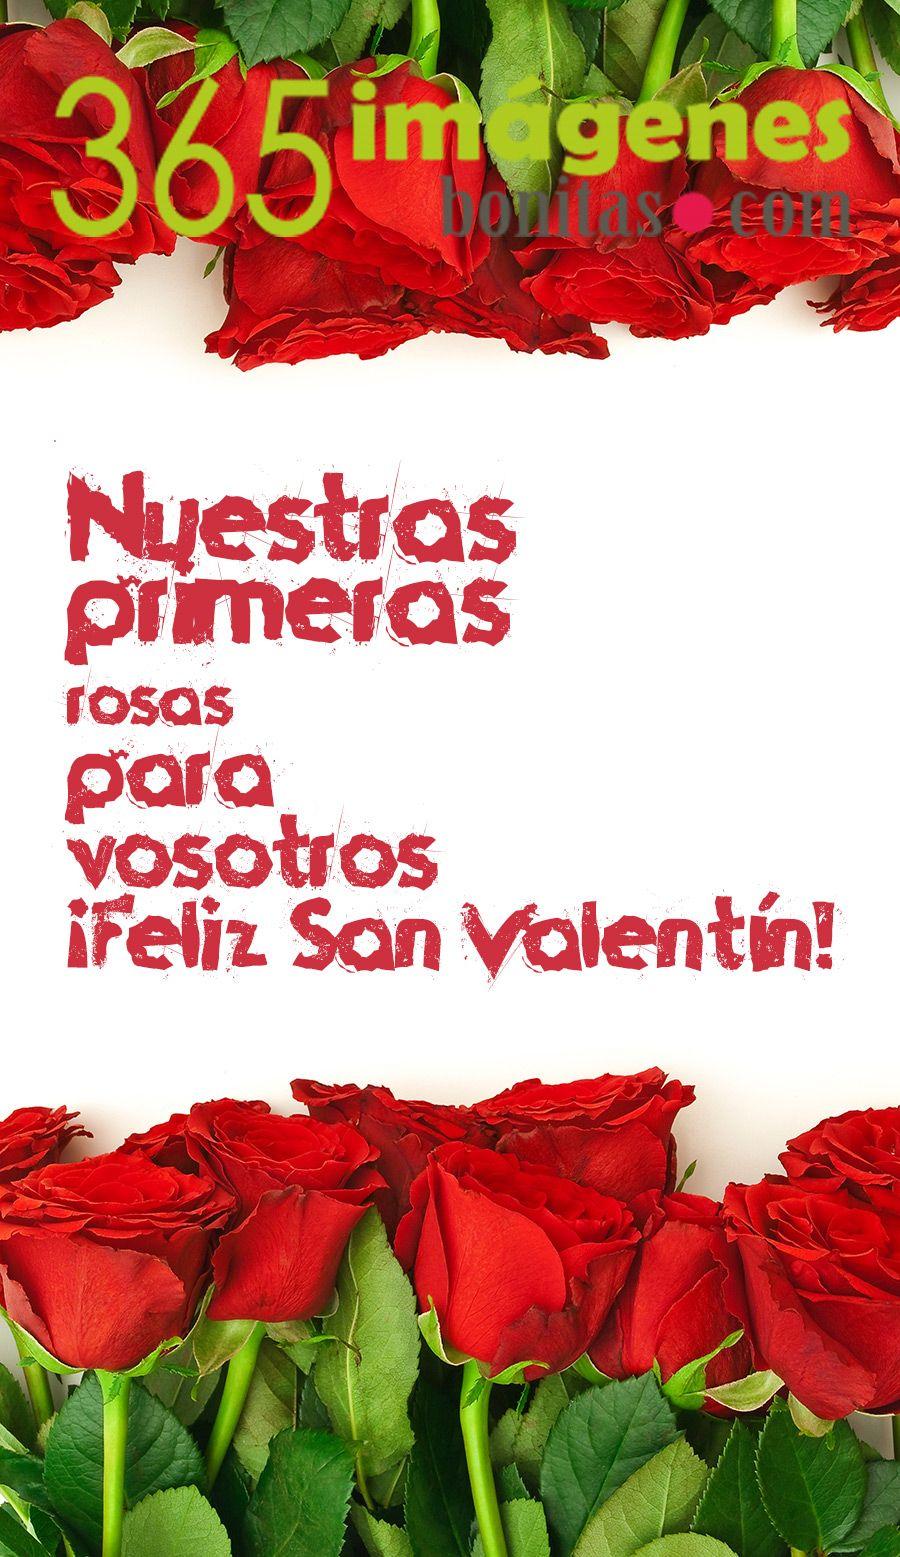 Imágenes De San Valentn Rosas Rojas Nuestras Primeras Rosas Para Vosotros Por San Valentn